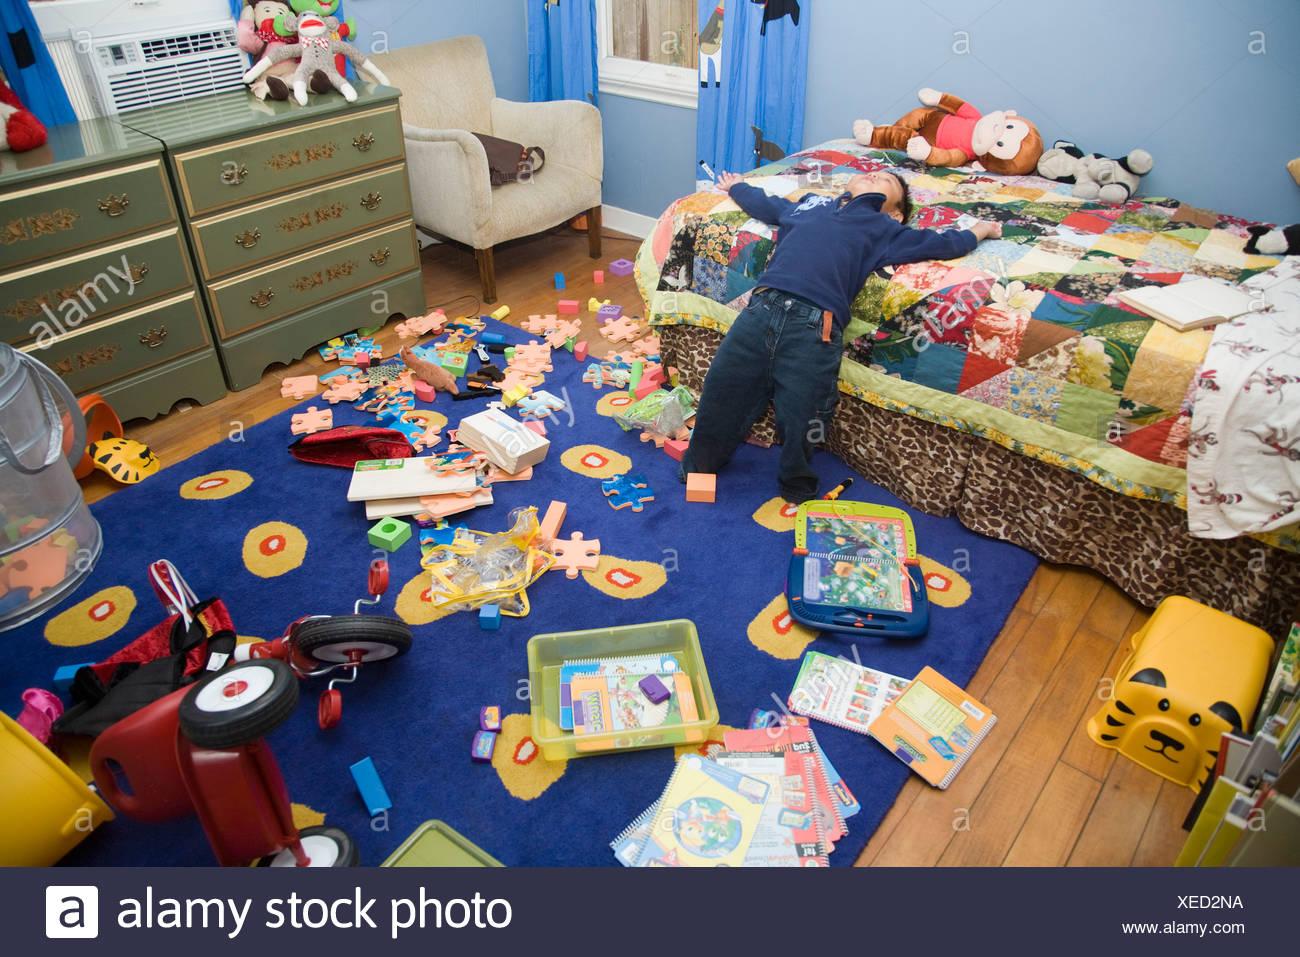 Ragazzo asiatico in camera da letto disordinato Immagini Stock